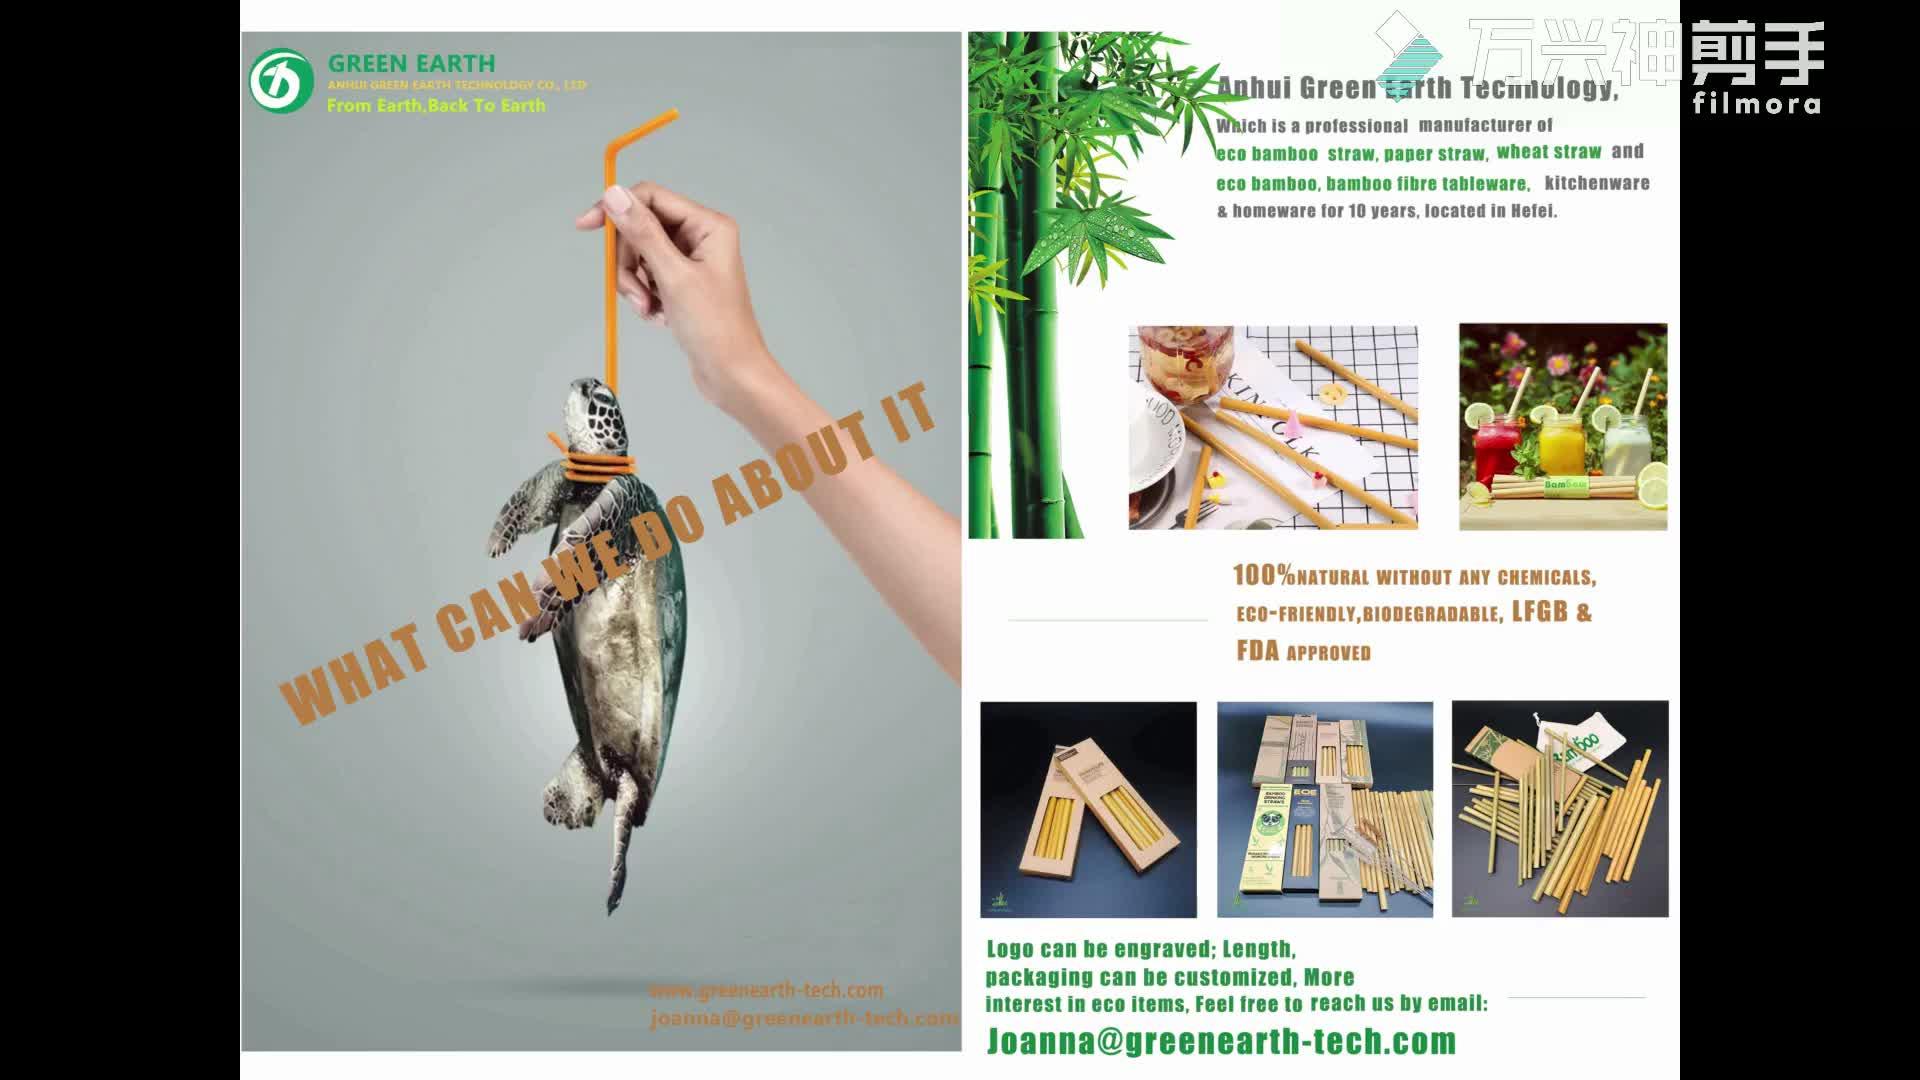 Qualità stabile riciclabile di paglia bio a base di eco friendly cannucce tossico-di bambù libero di paglia bere